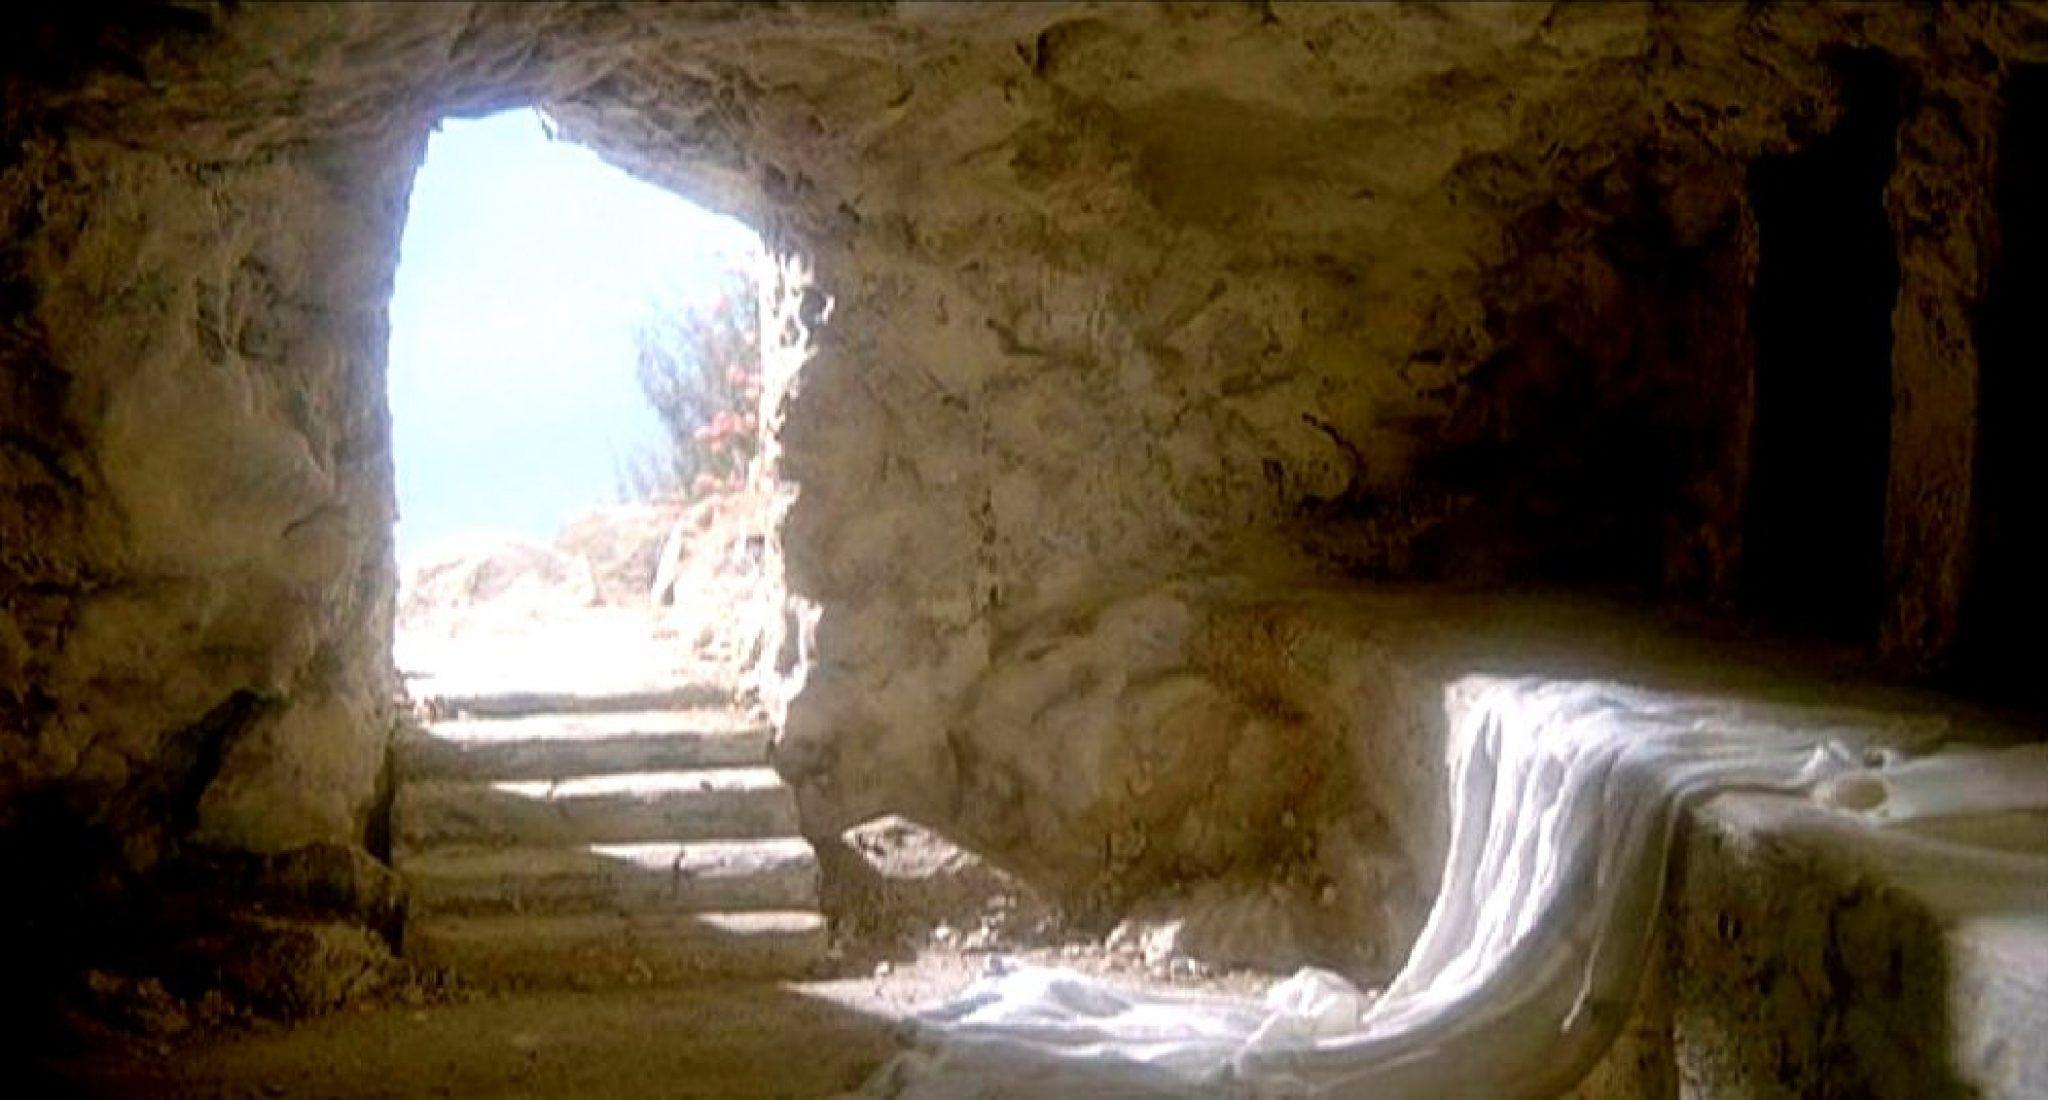 Avere una nuova vita, qui sta la meraviglia: Buona Pasqua!